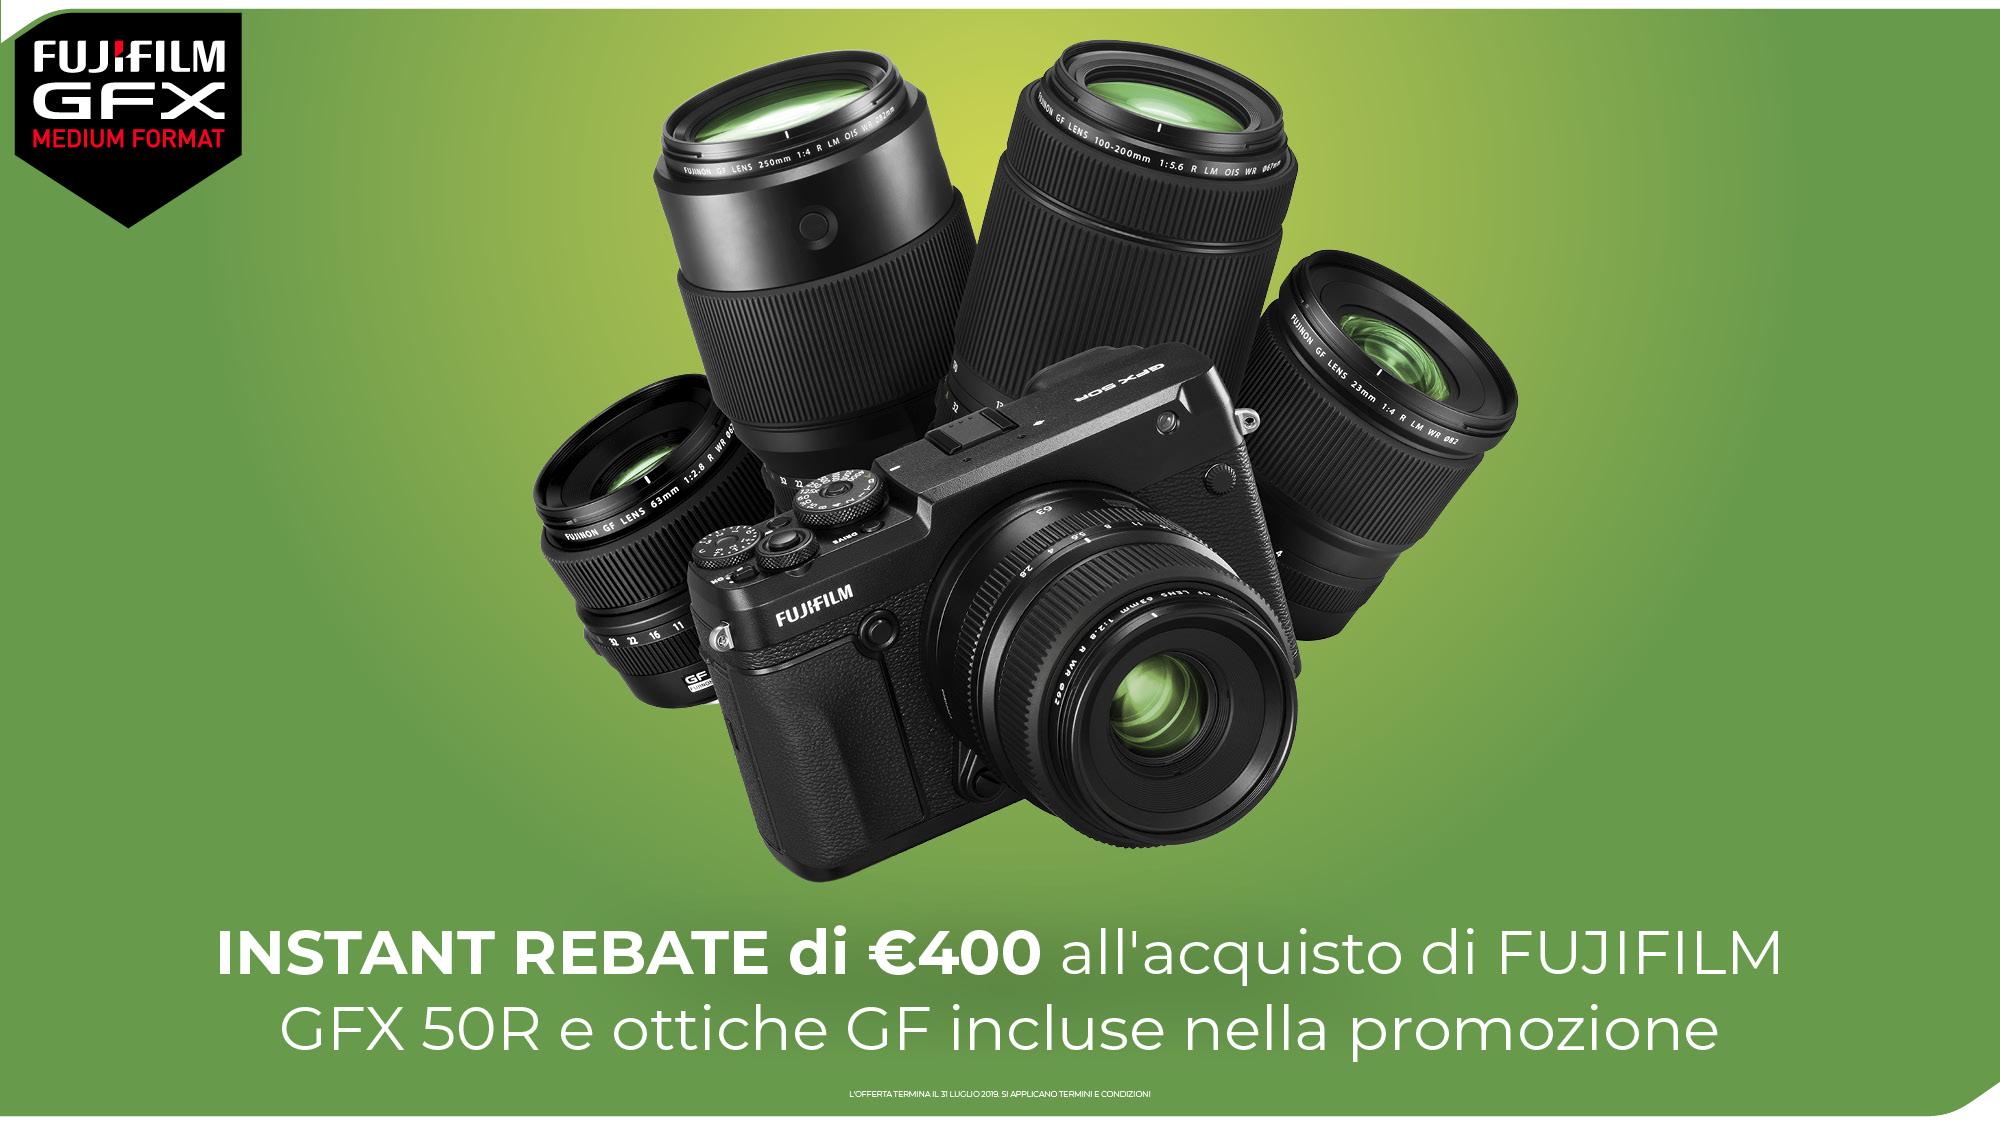 INSTANT REBATE GFX 50R